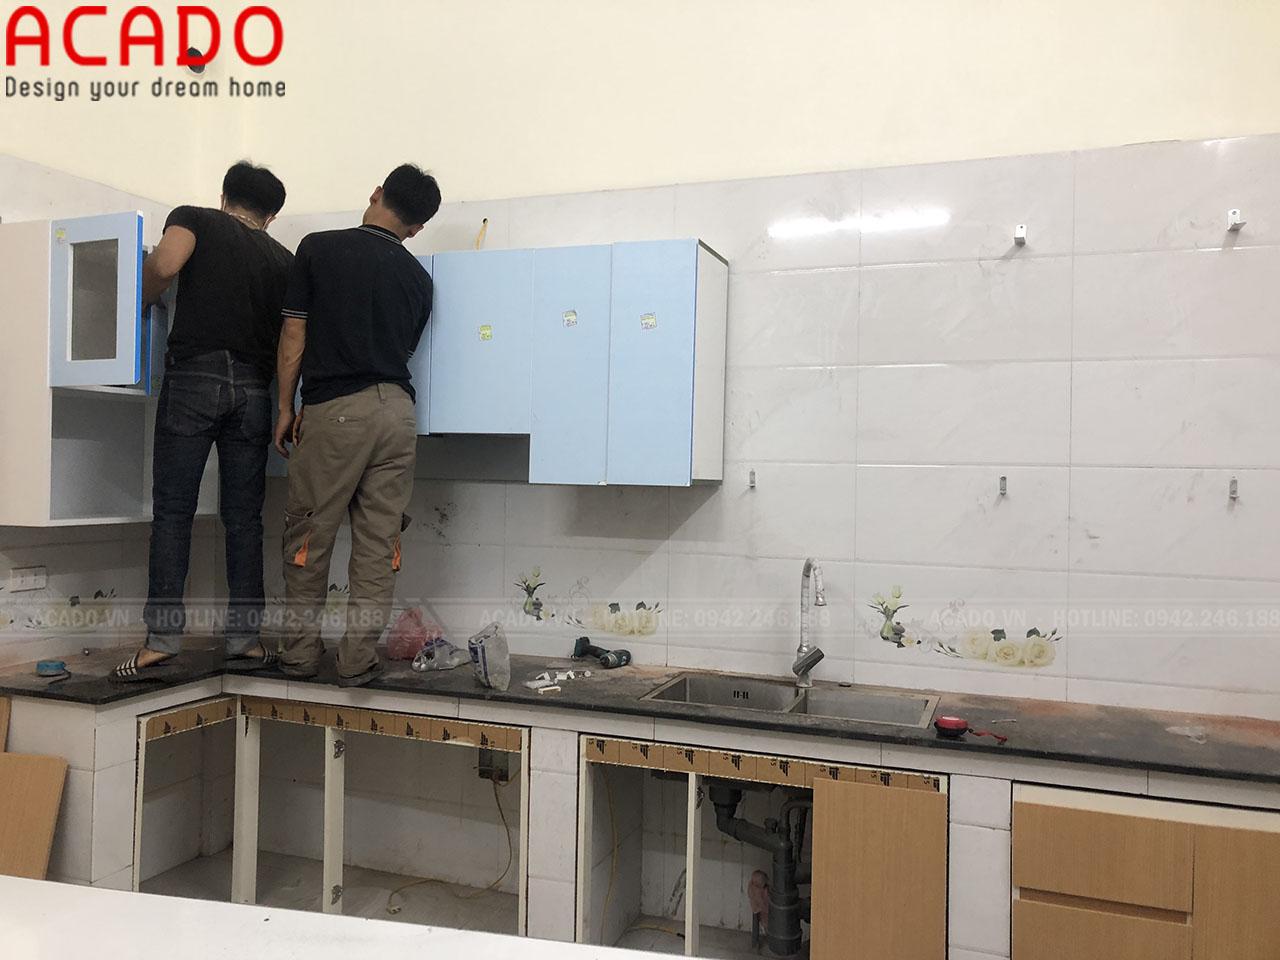 Thợ thi công bắt tay vào quá trình lắp đặt - Thi công nôi thất tại Dương Nội